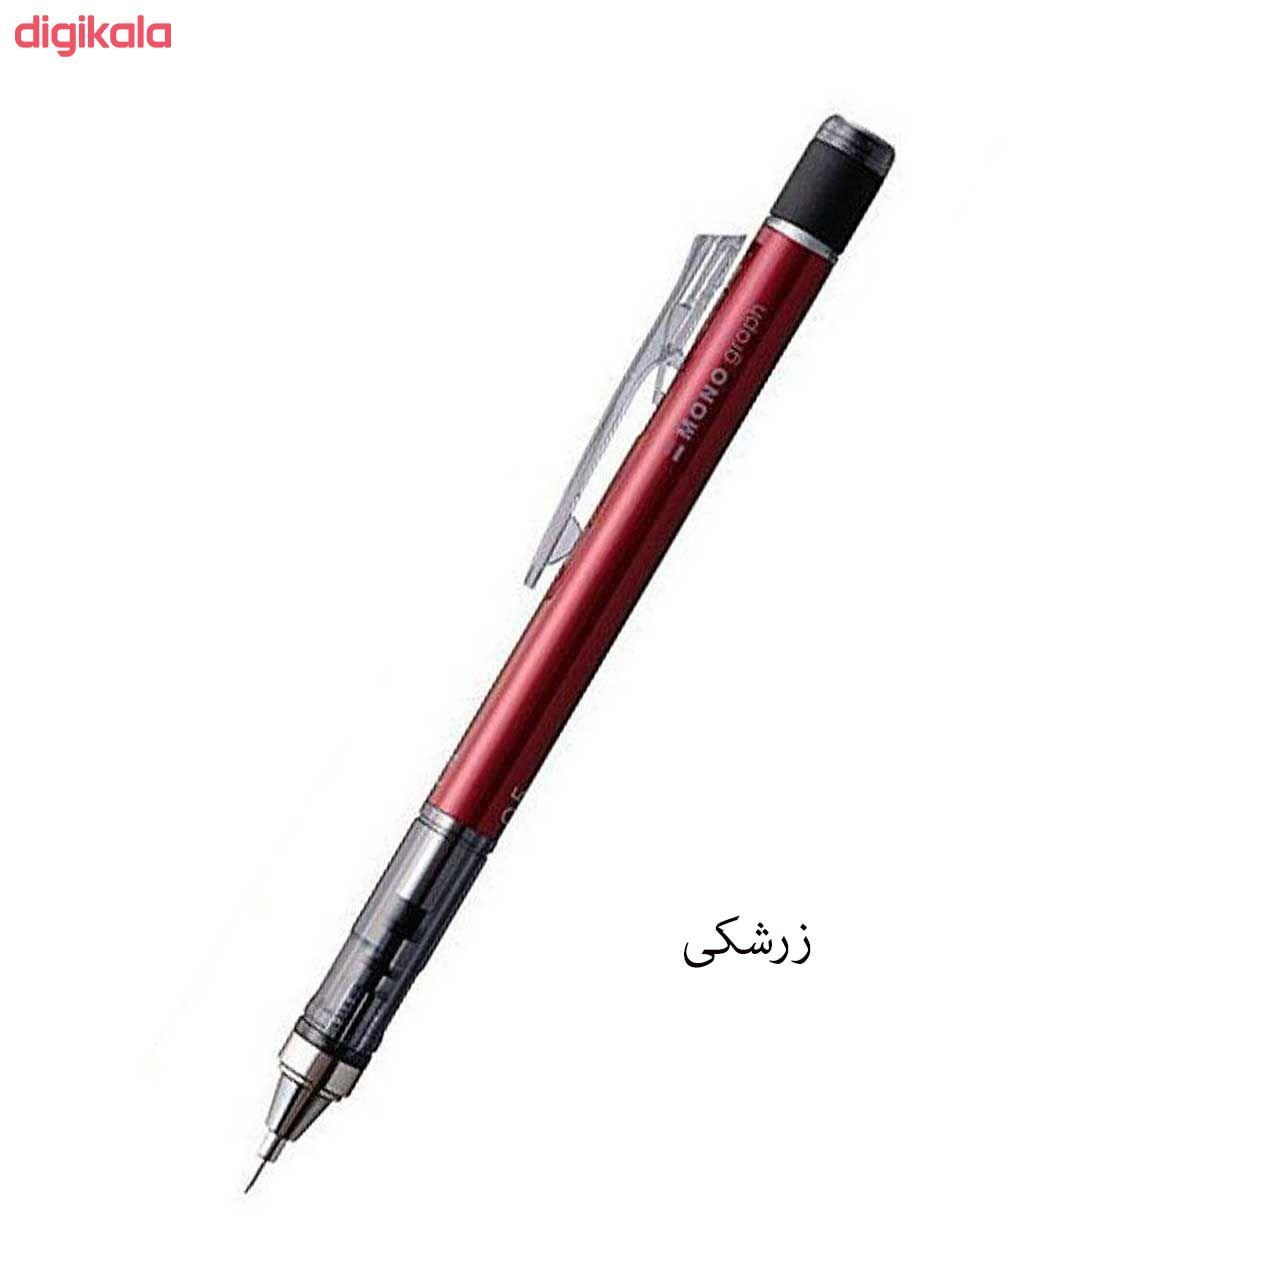 مداد نوکی 0.5 میلی متری تومبو مدل MONO GRAPPH main 1 11